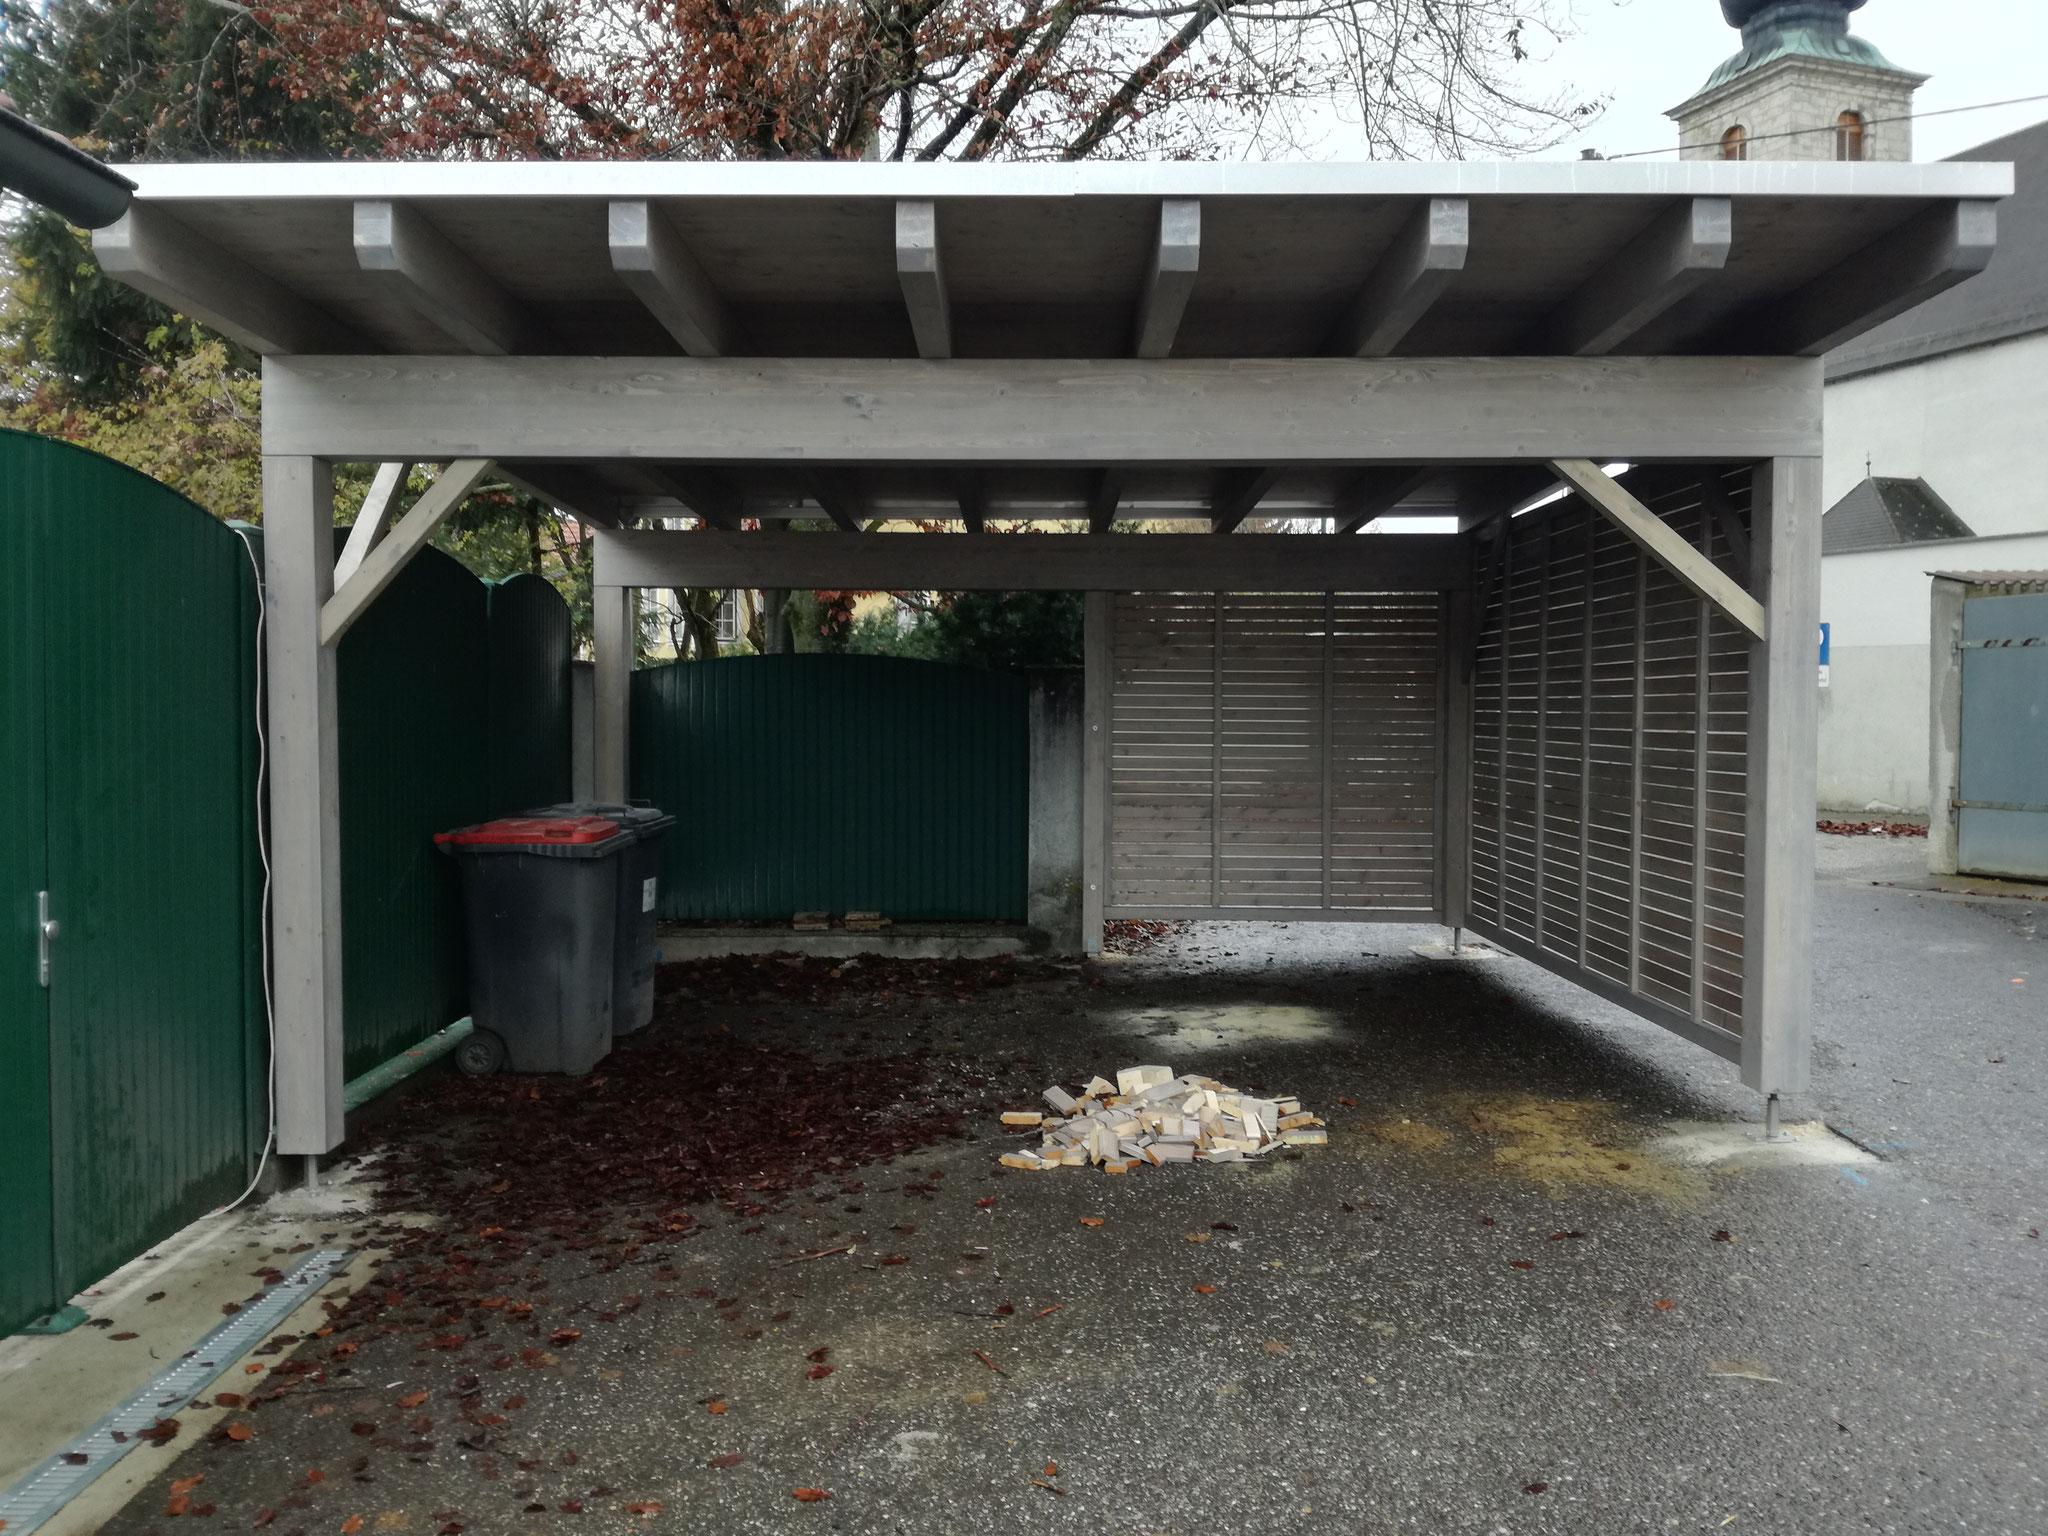 Doppelcarport mit Sichtschutzwand und Resitrik Dacheindeckung